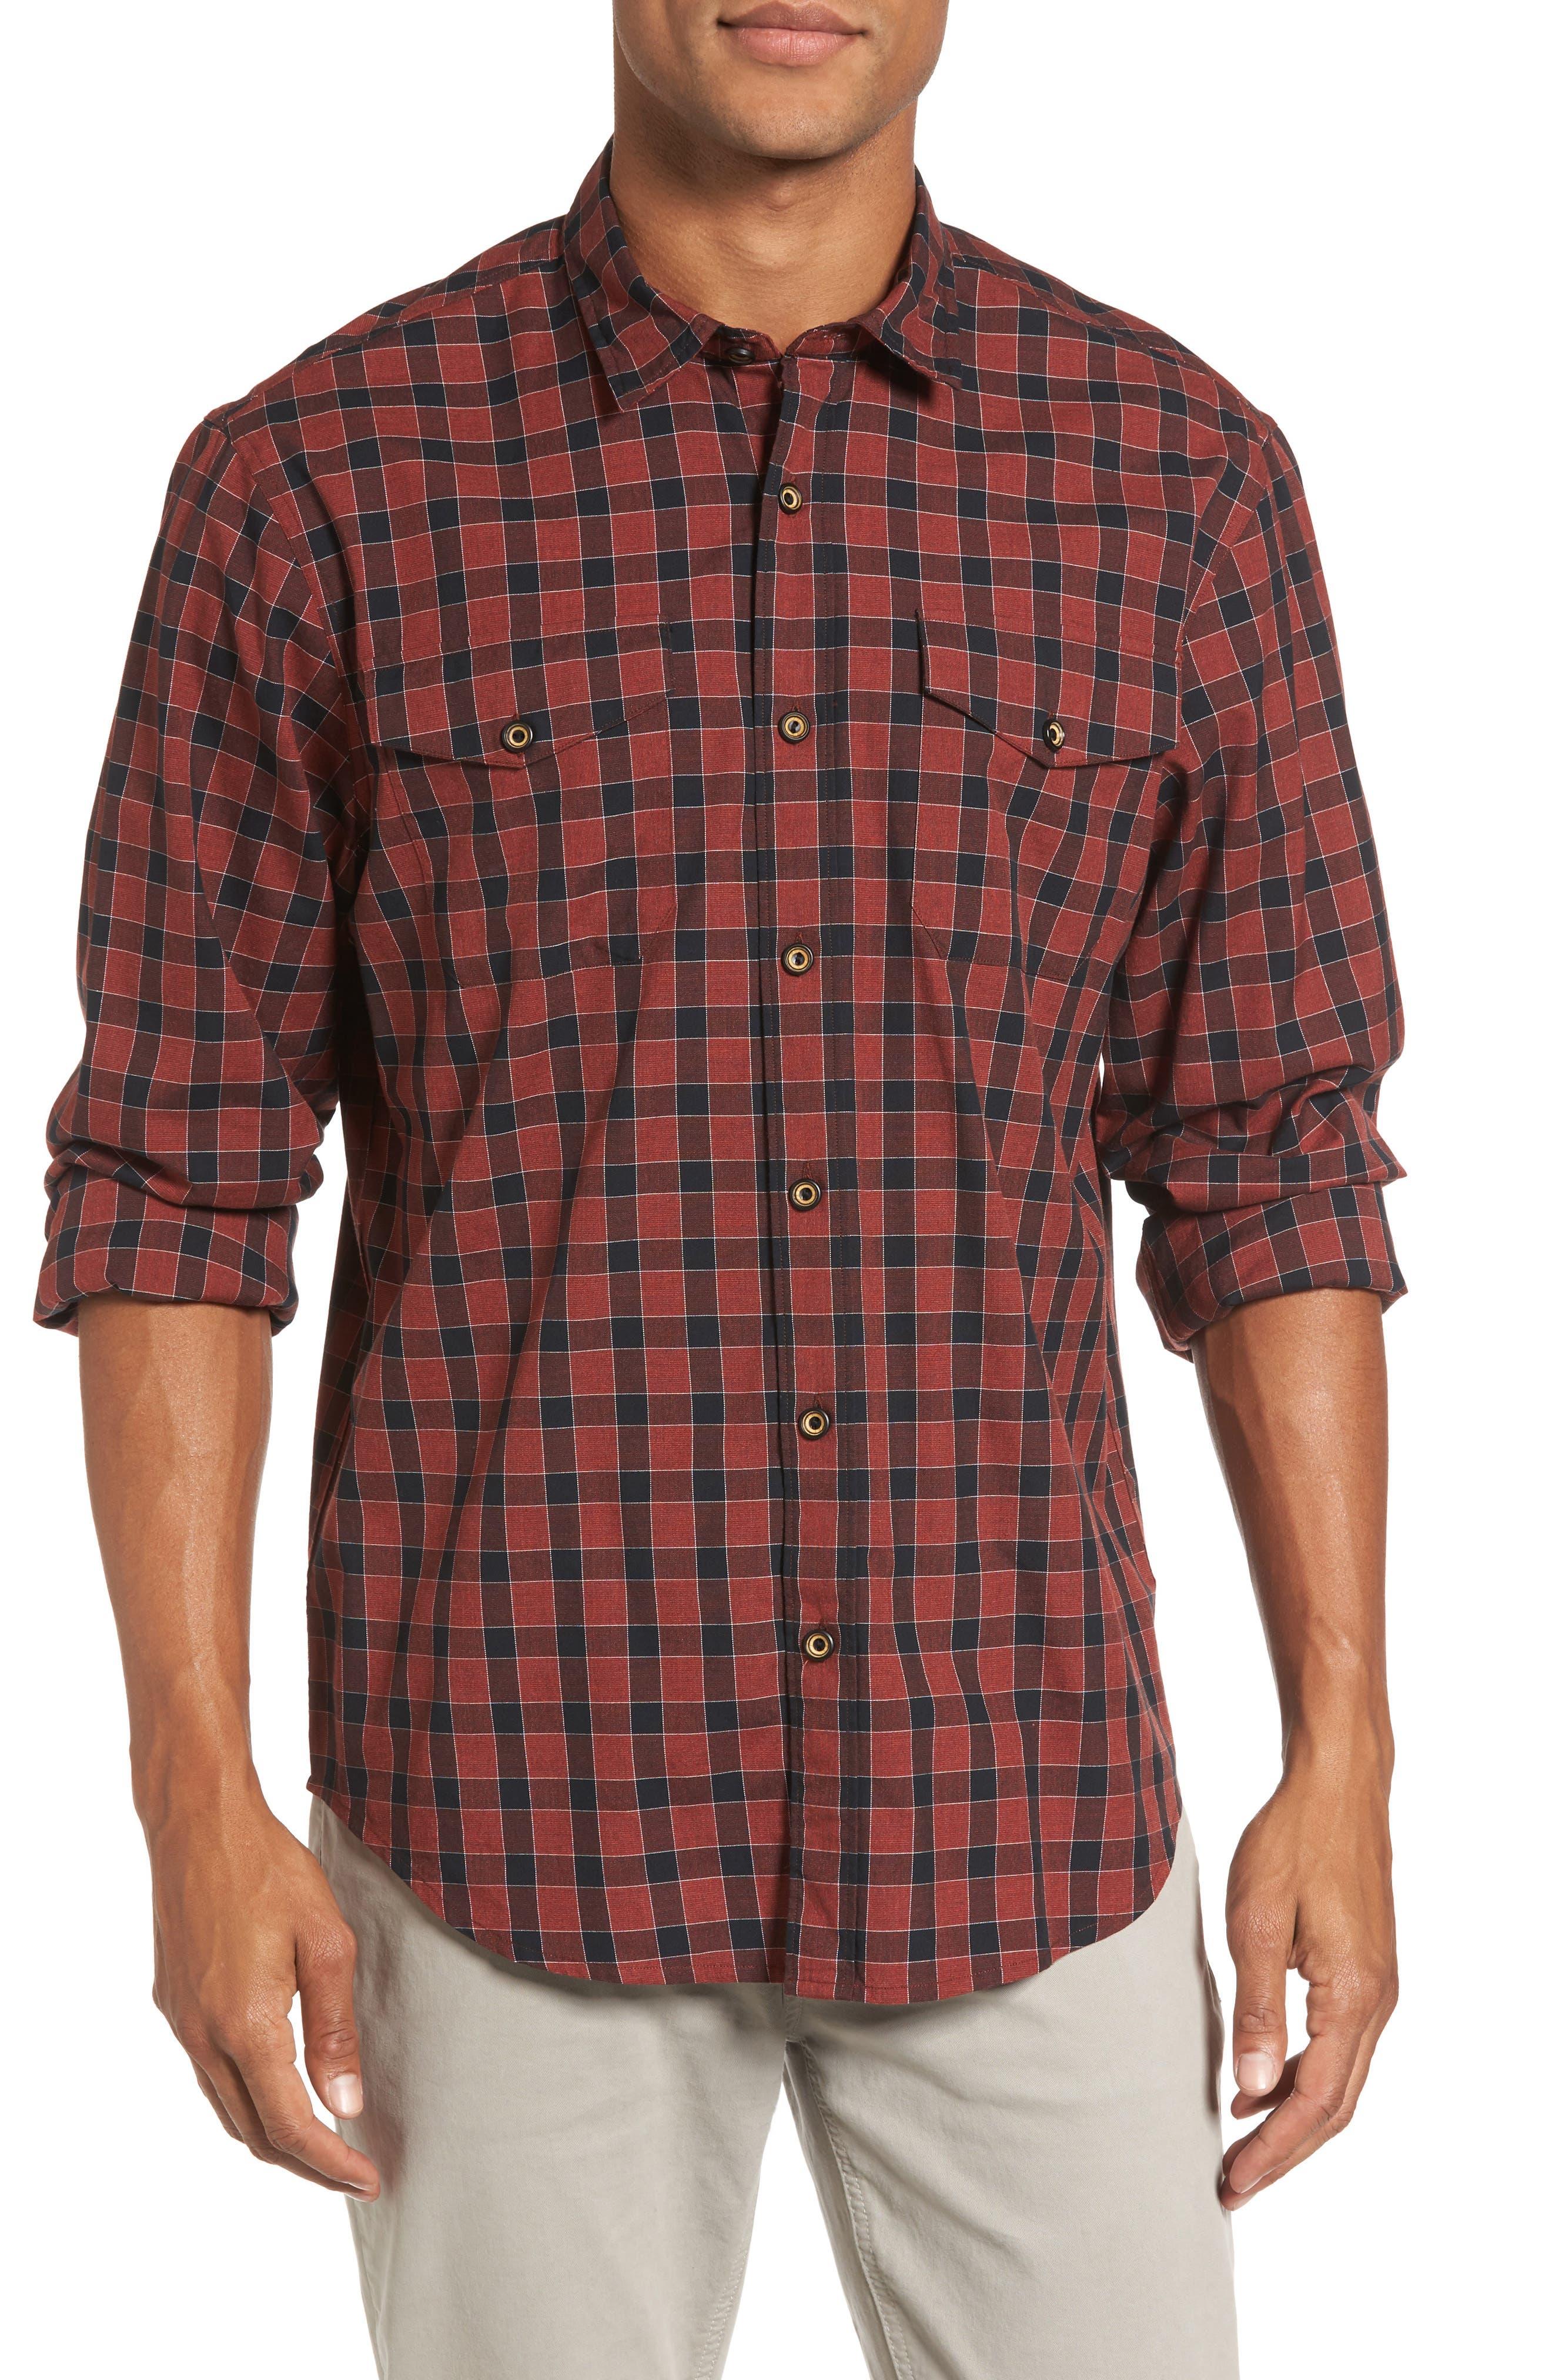 Main Image - Coastaoro Lake Plaid Flannel Shirt